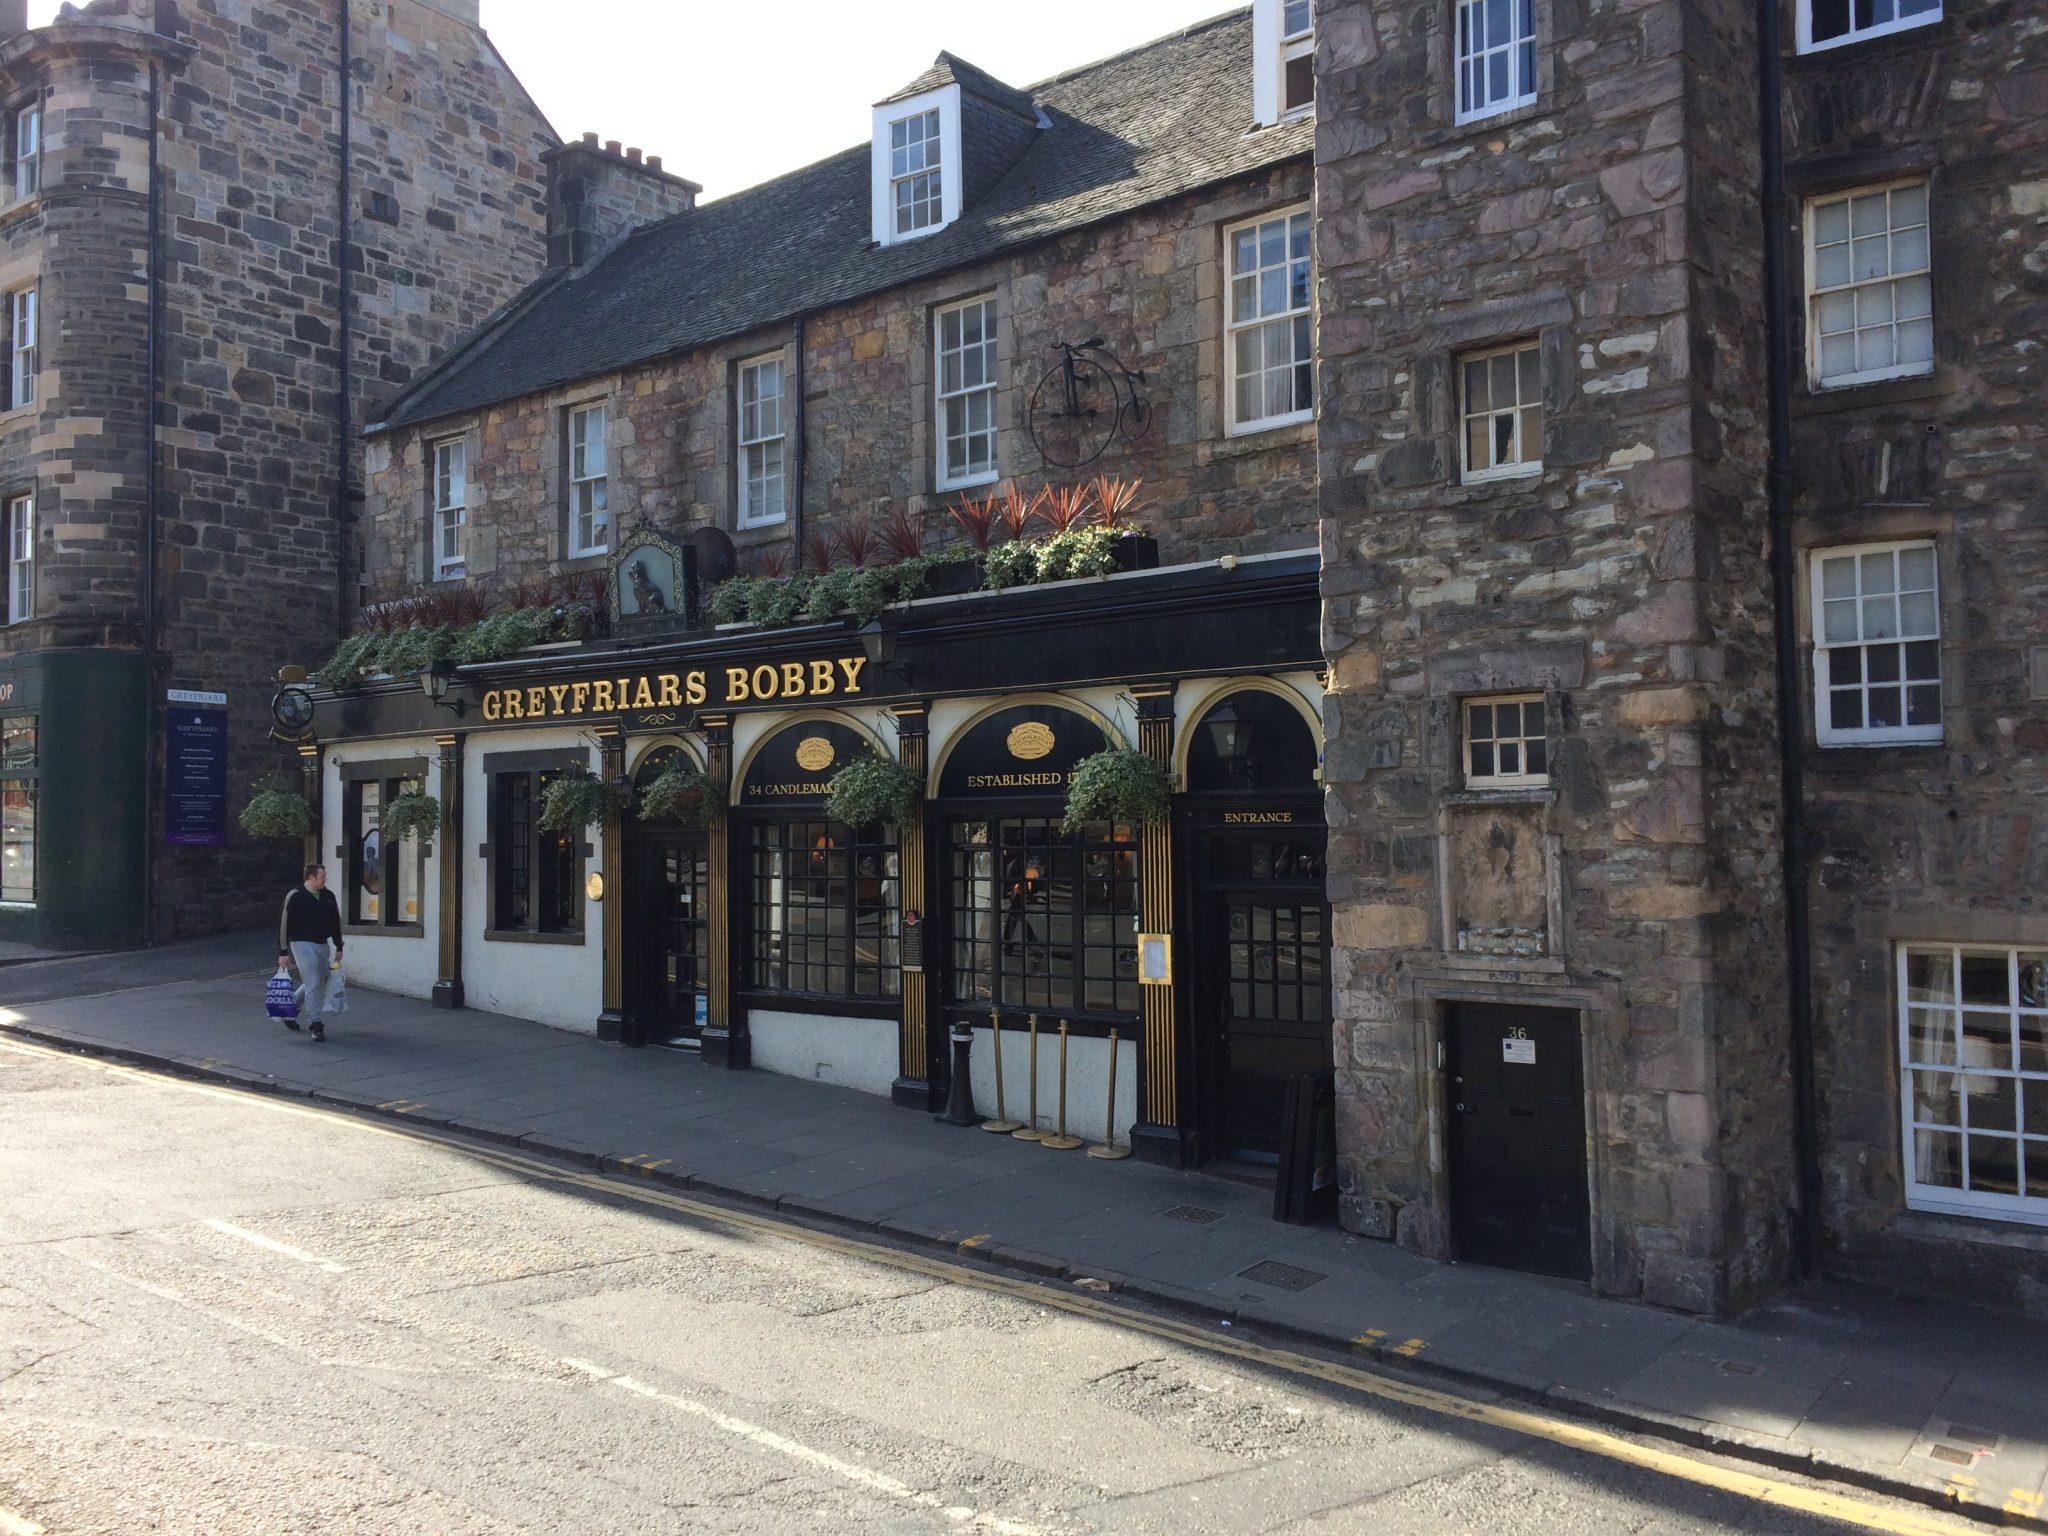 Qué hacer en Edimburgo, ver Greyfriars Bobby.